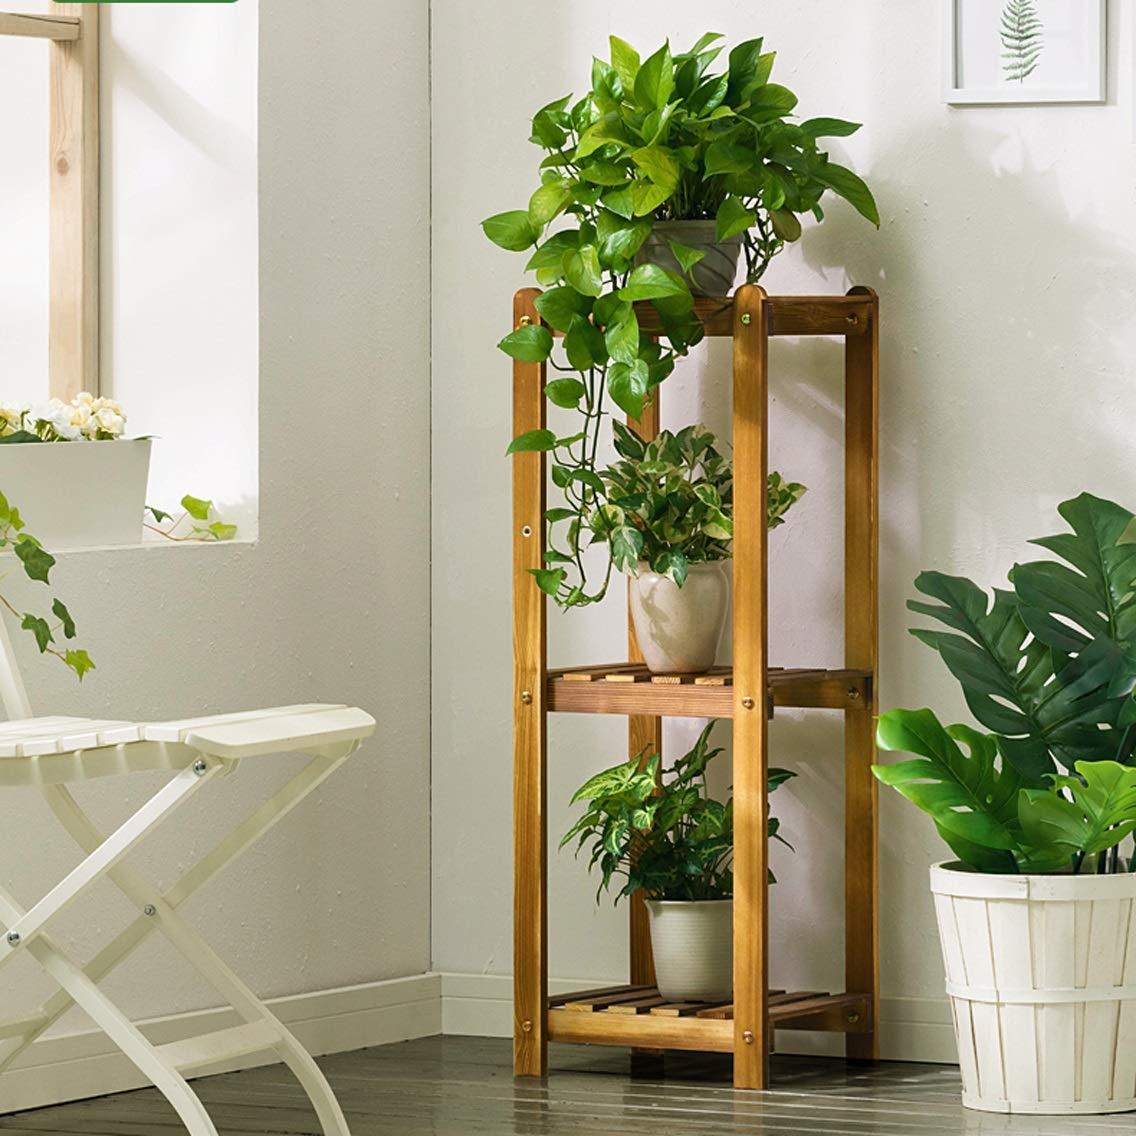 HZB Solid Wood Combination Flower Rack Multi Storey Balcony Living Room Indoor Wooden Flower Rack